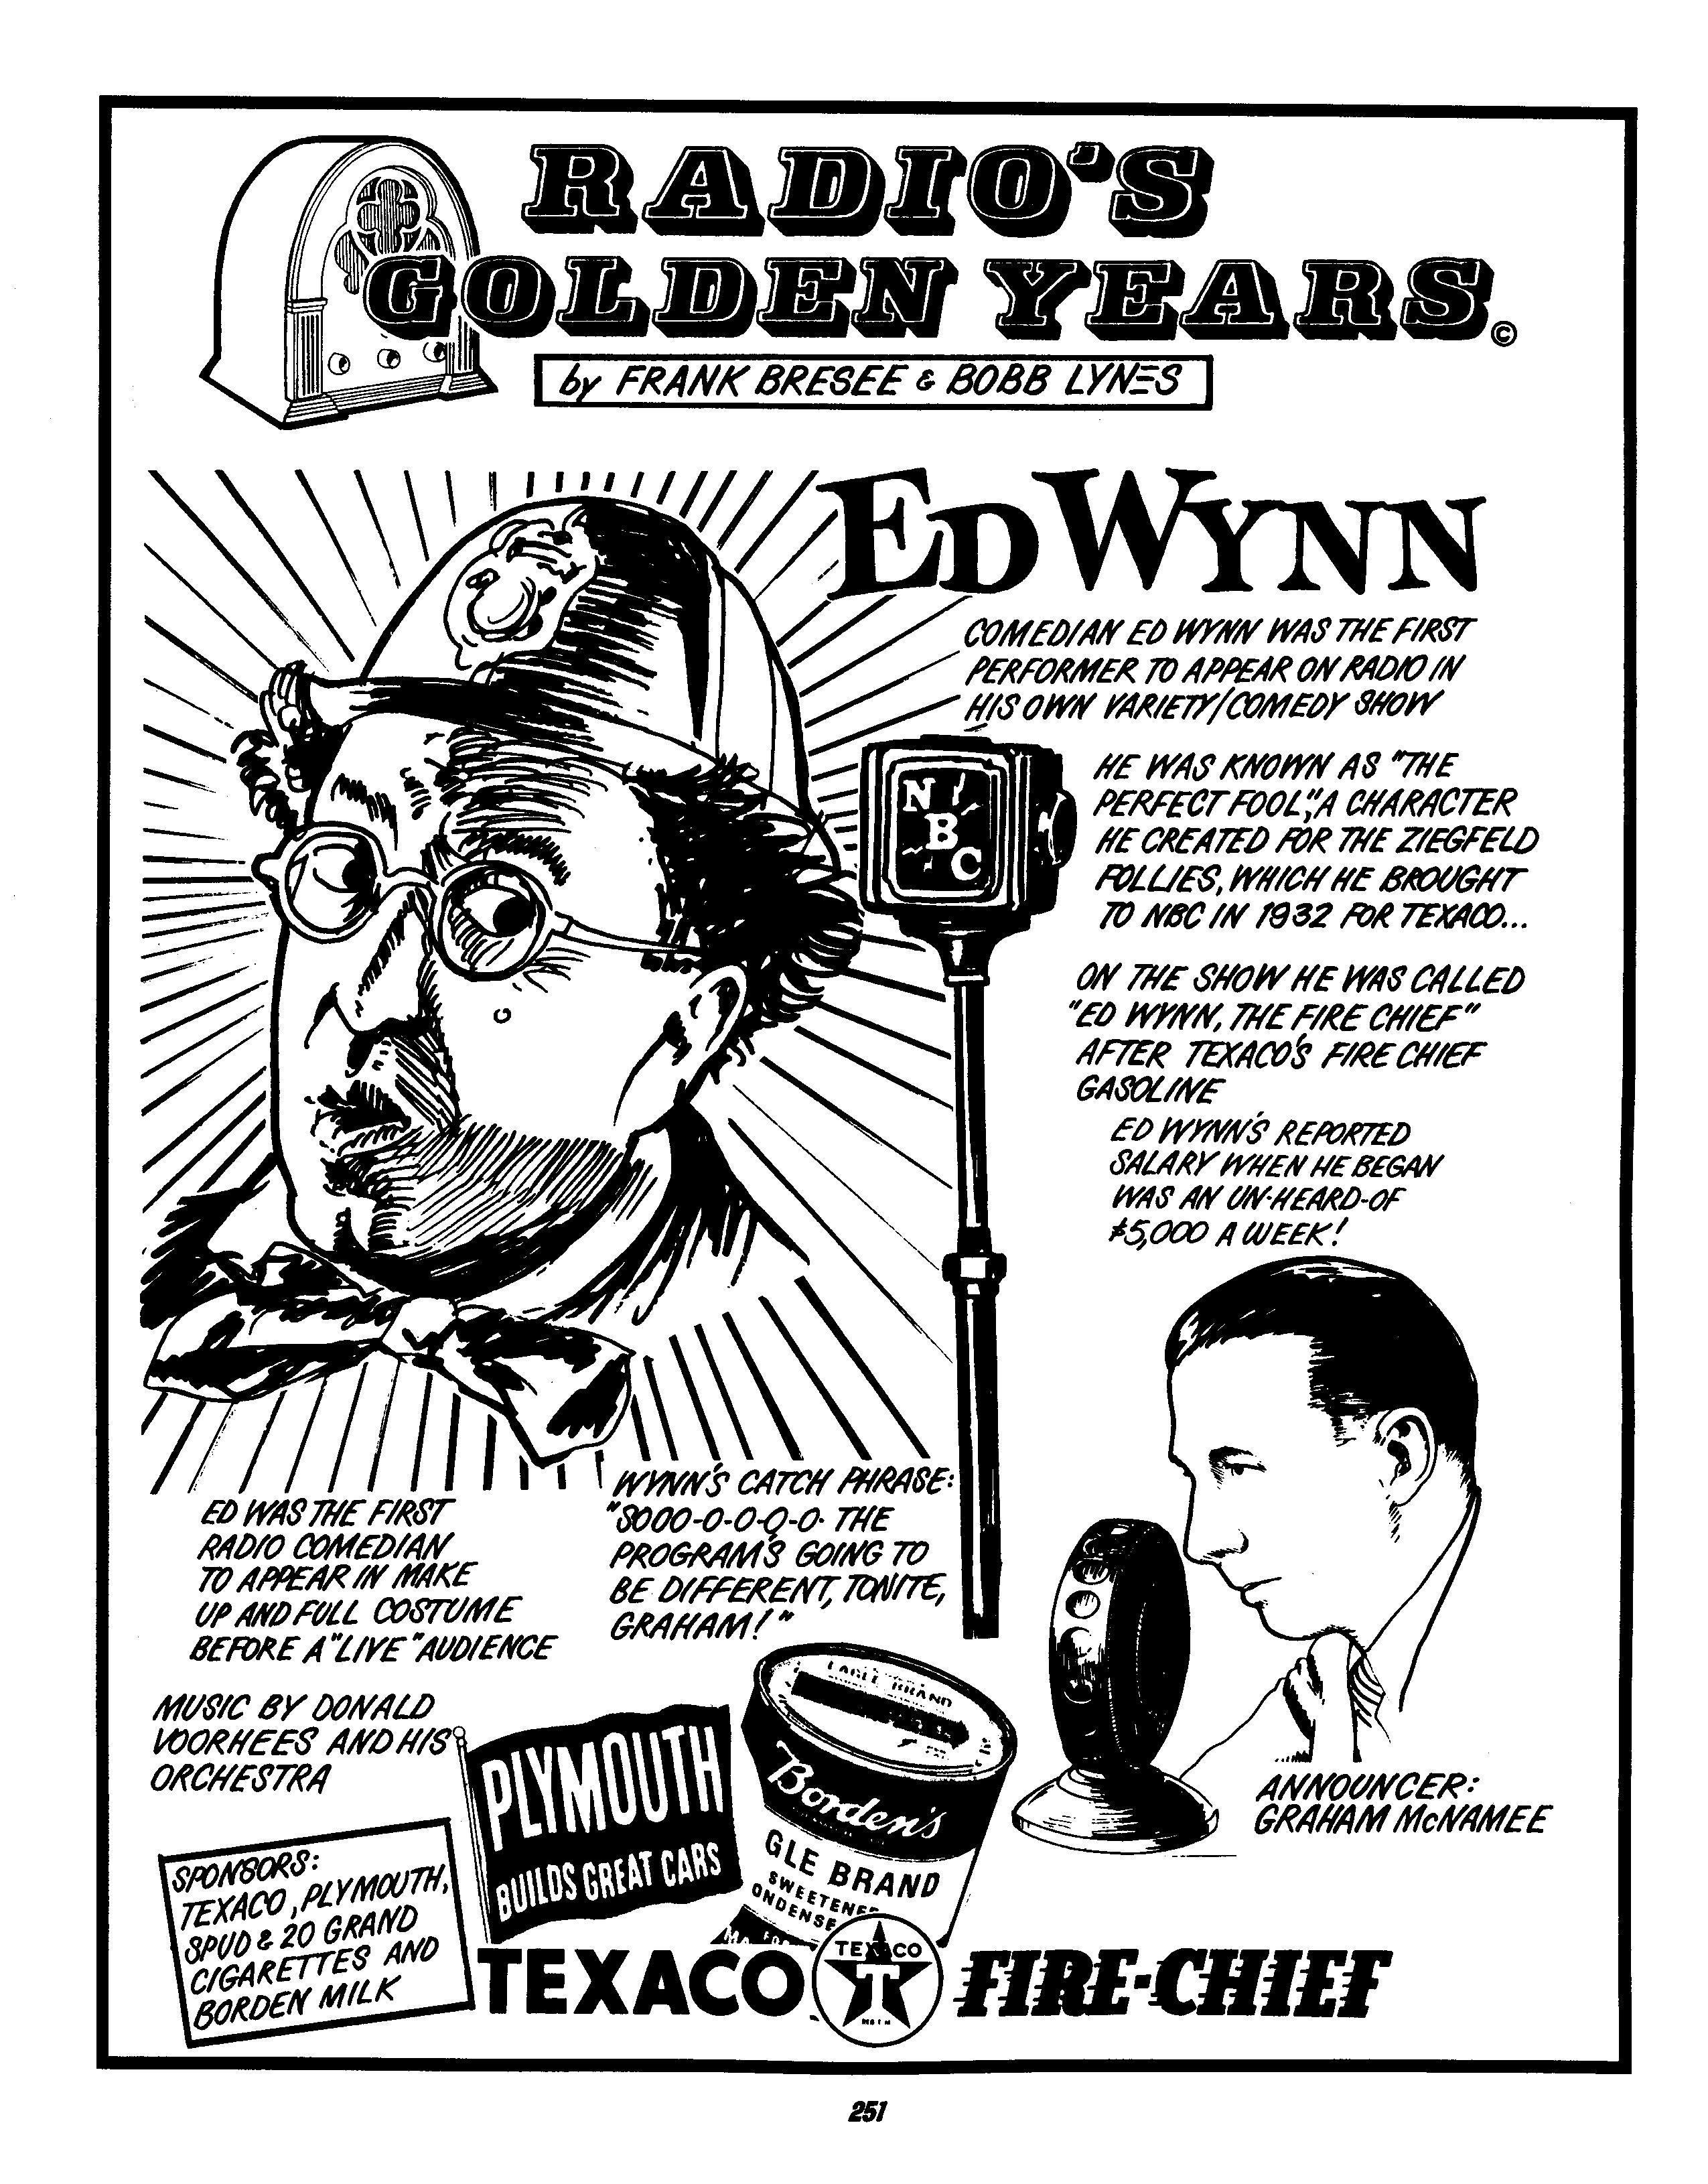 Ed Wynn